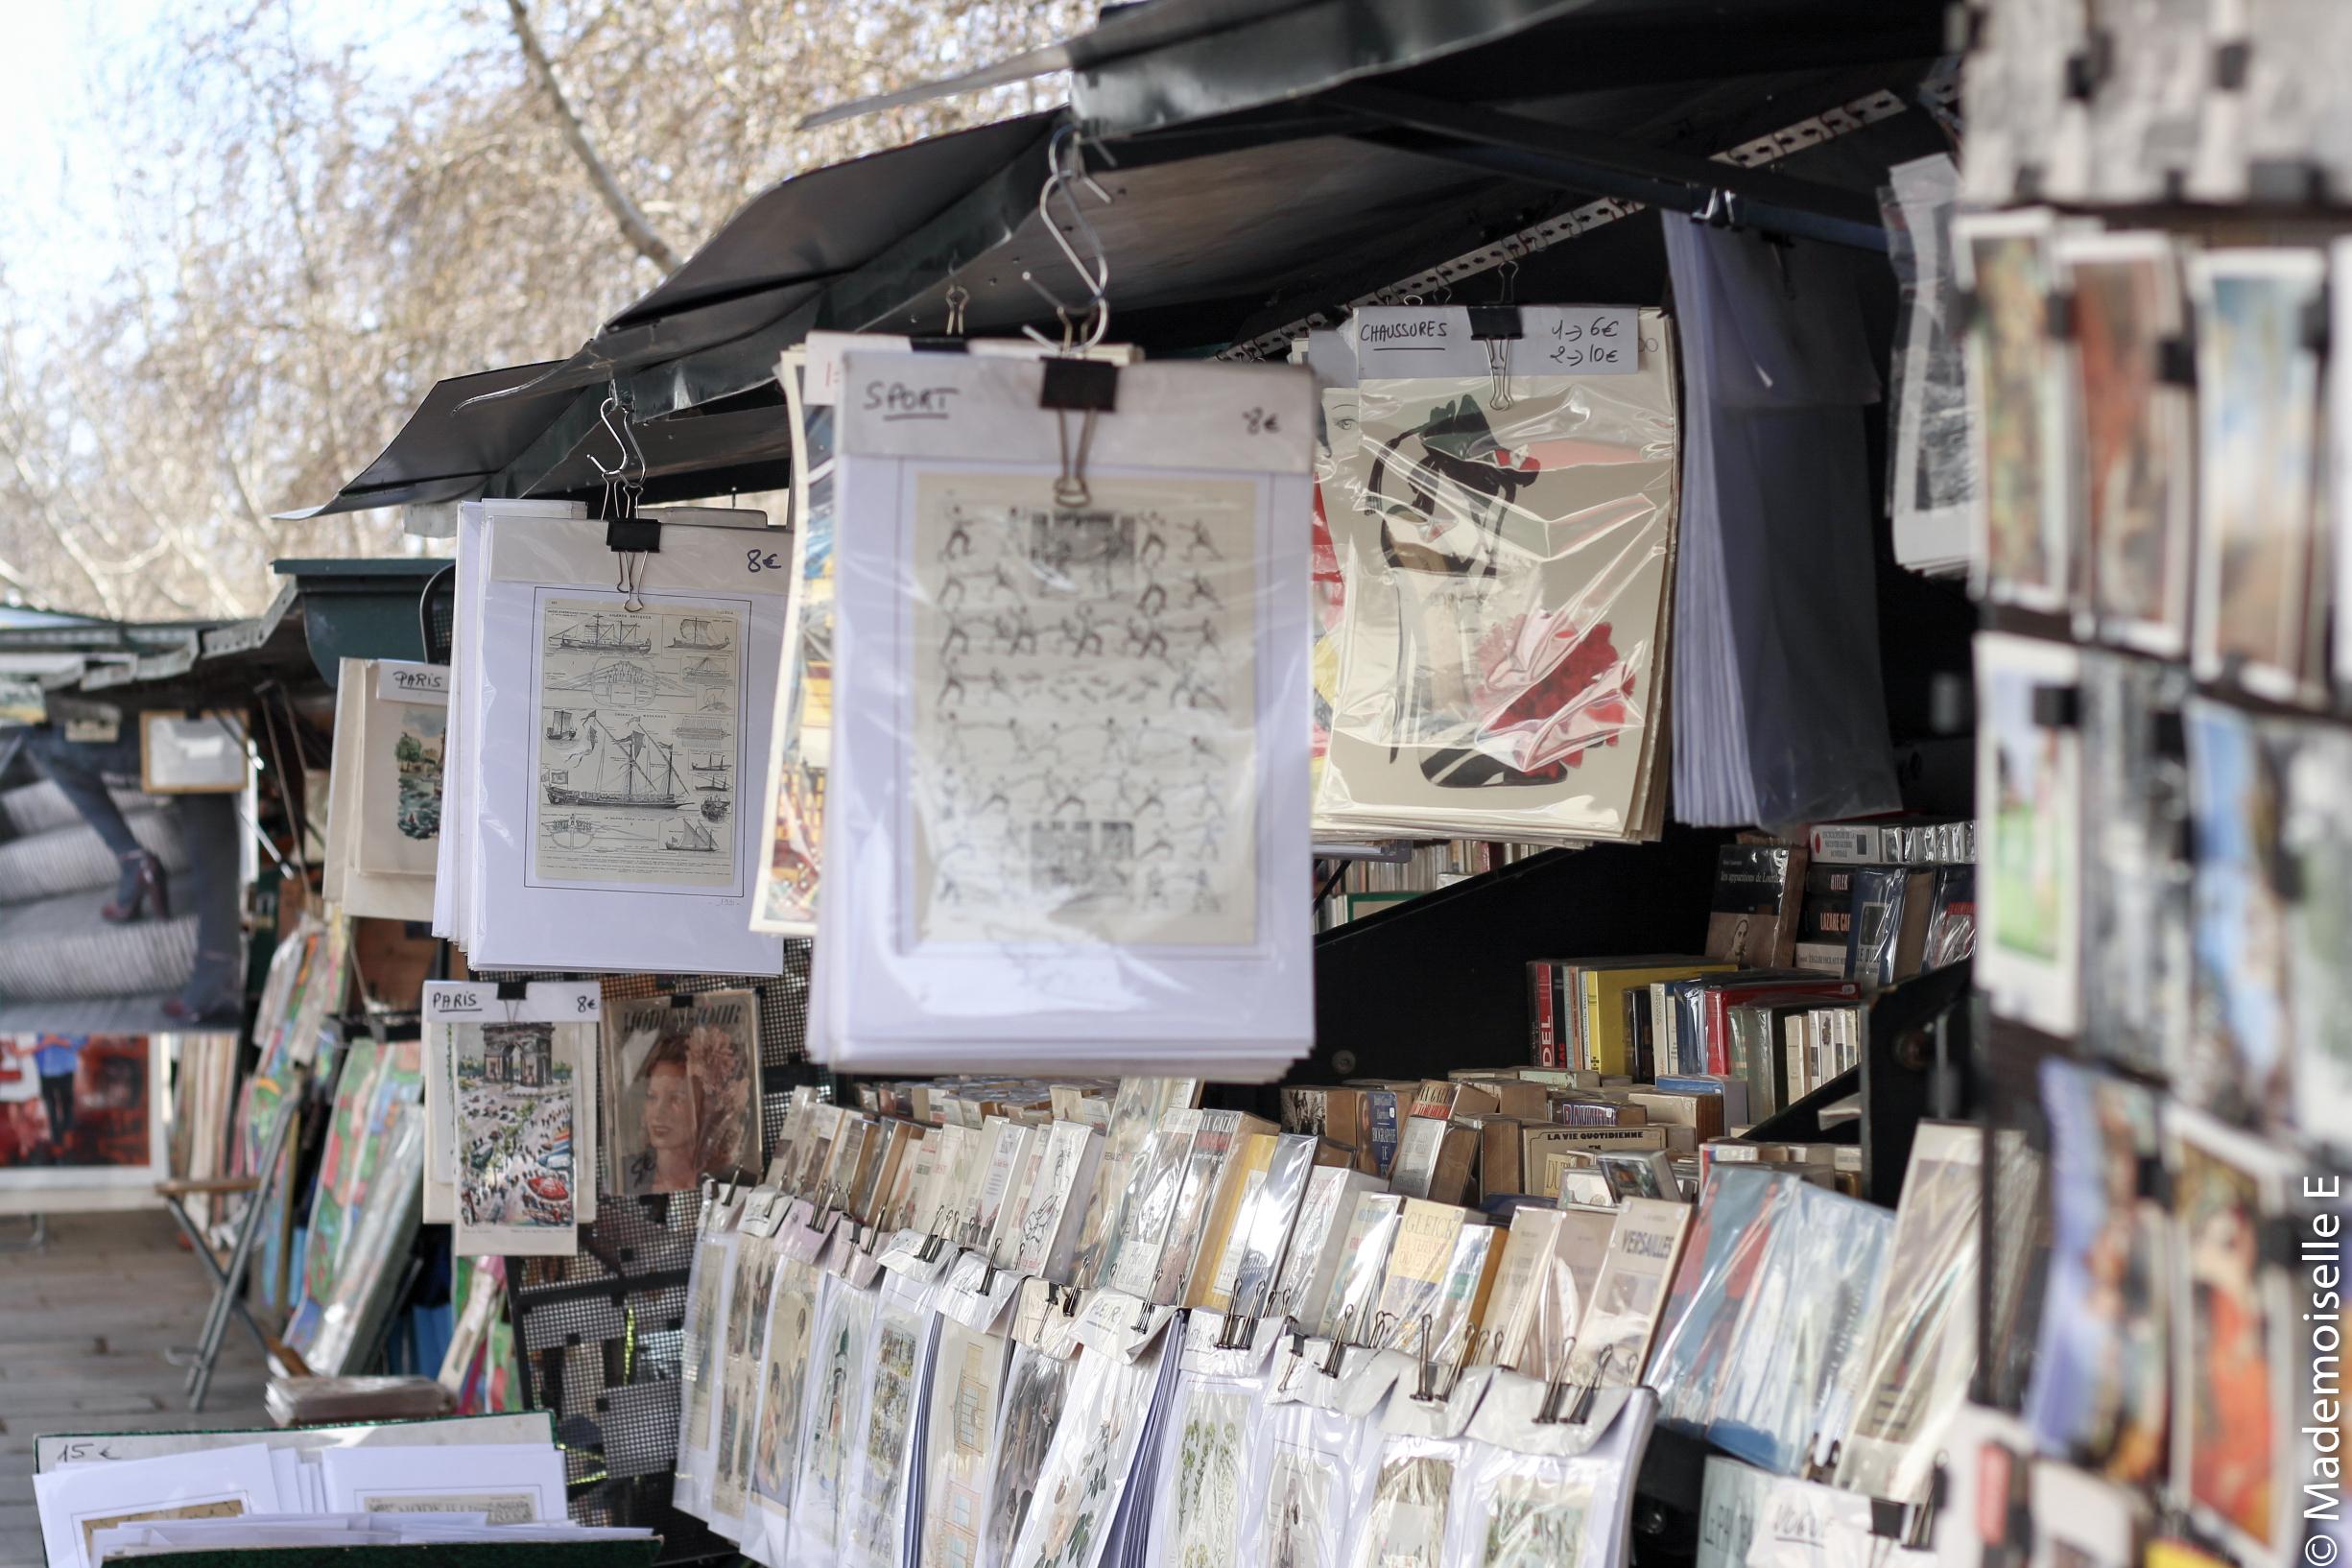 bonheurs #3 Paris libraires mademoiselle-e